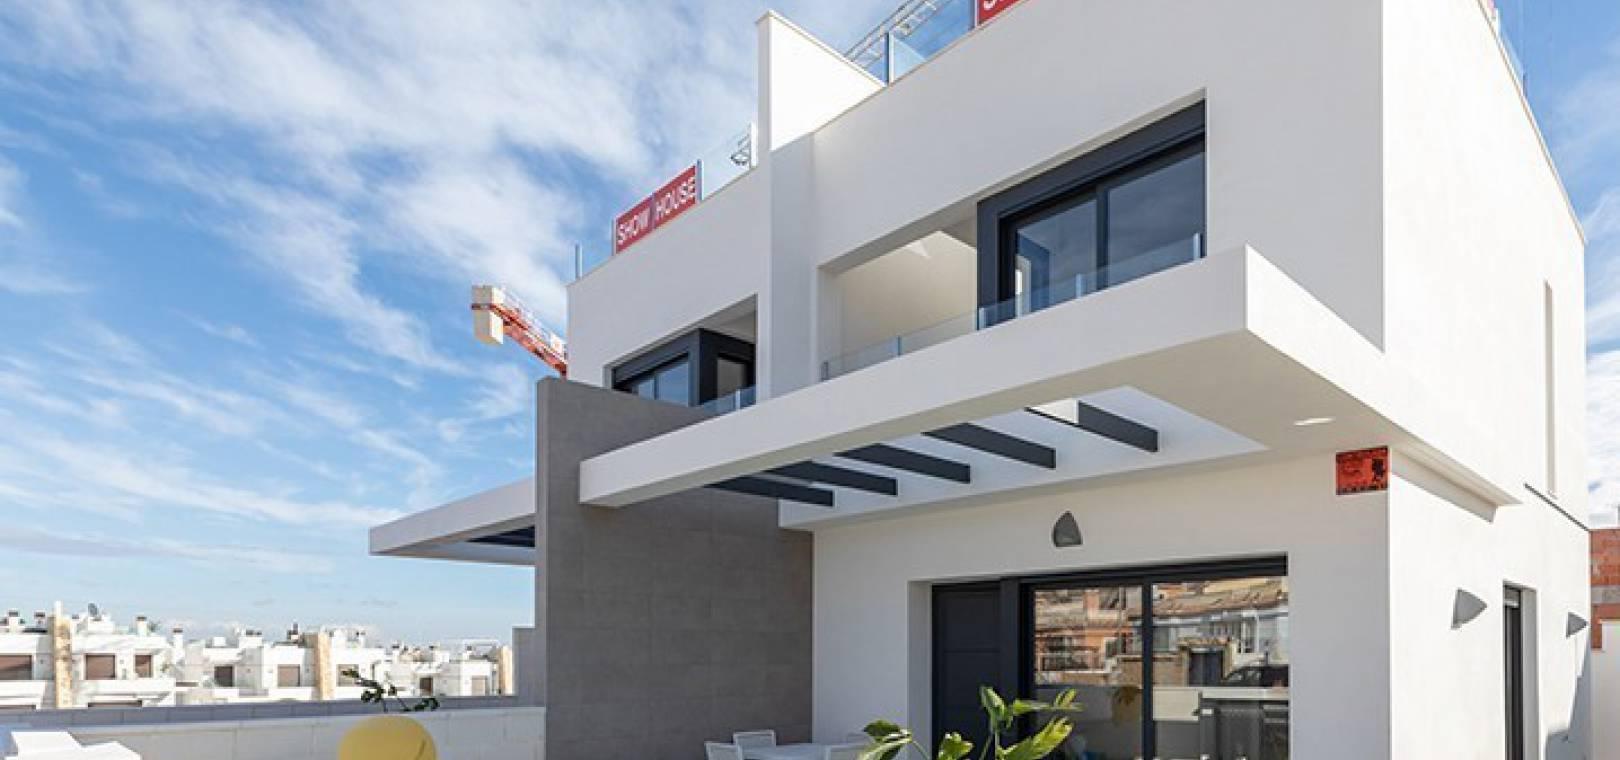 Nieuw gebouw - Herenhuis - Villamartin - Costa Blanca South